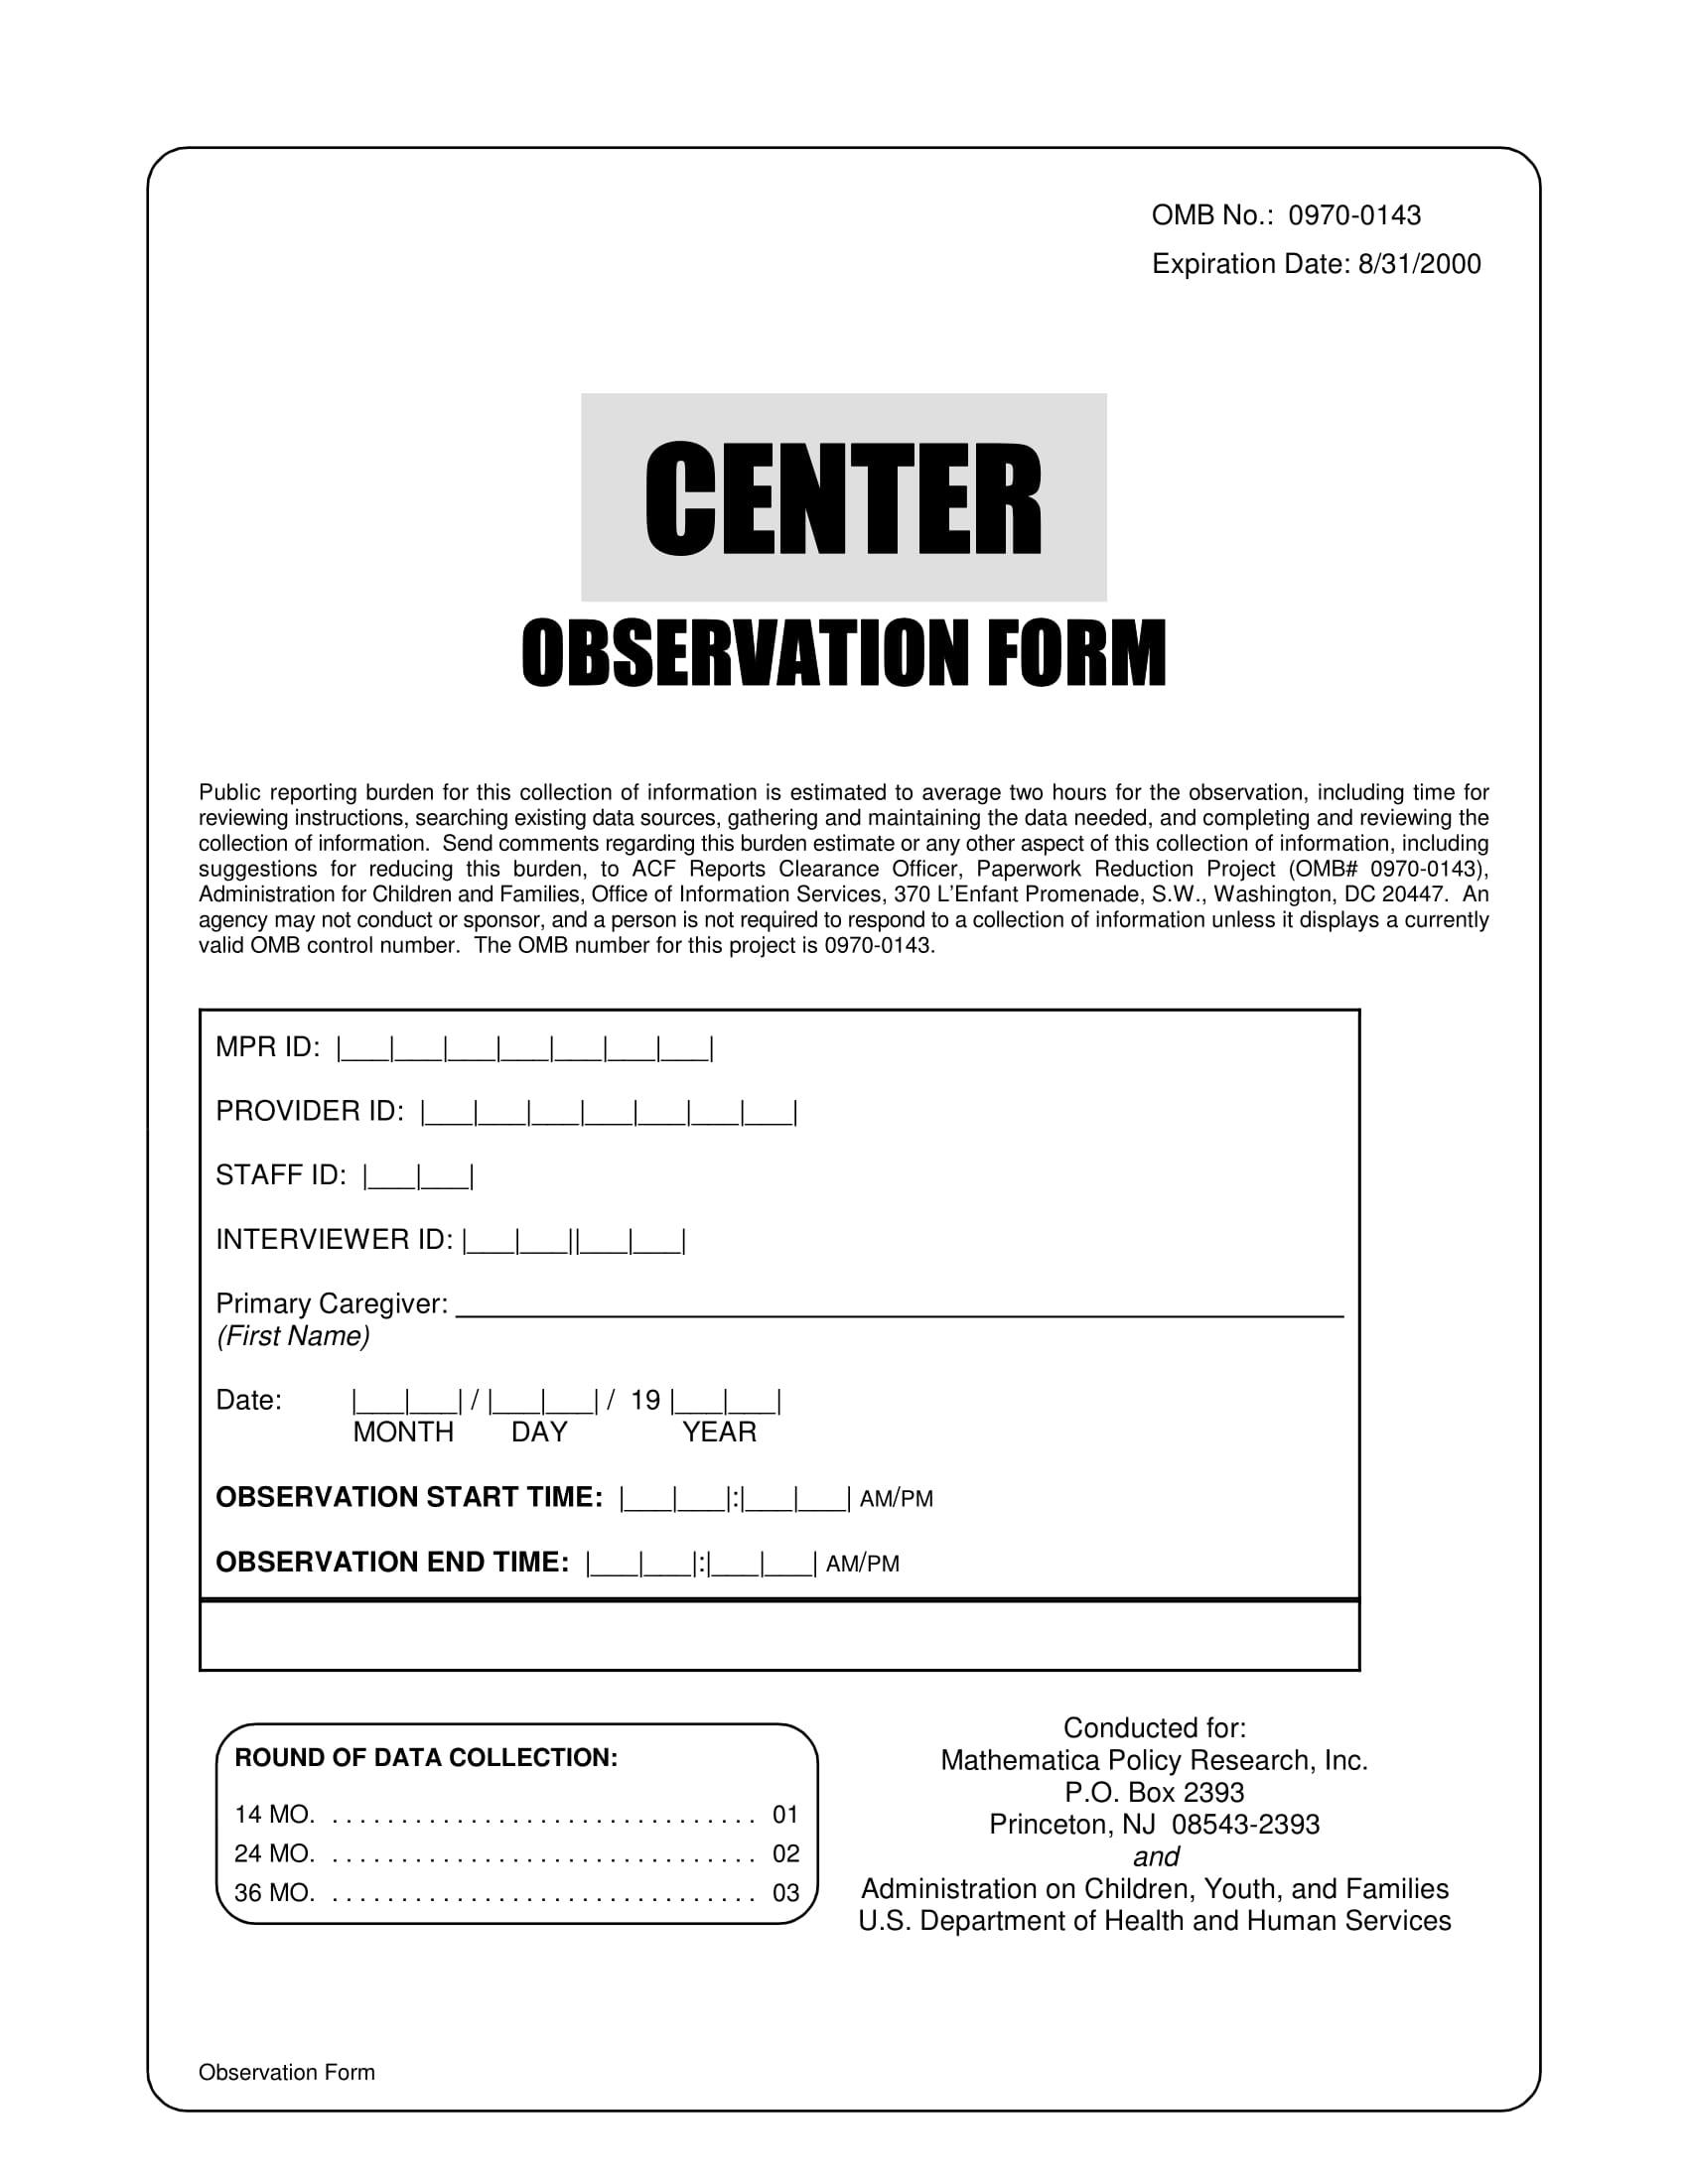 Child Care Center Observation Form